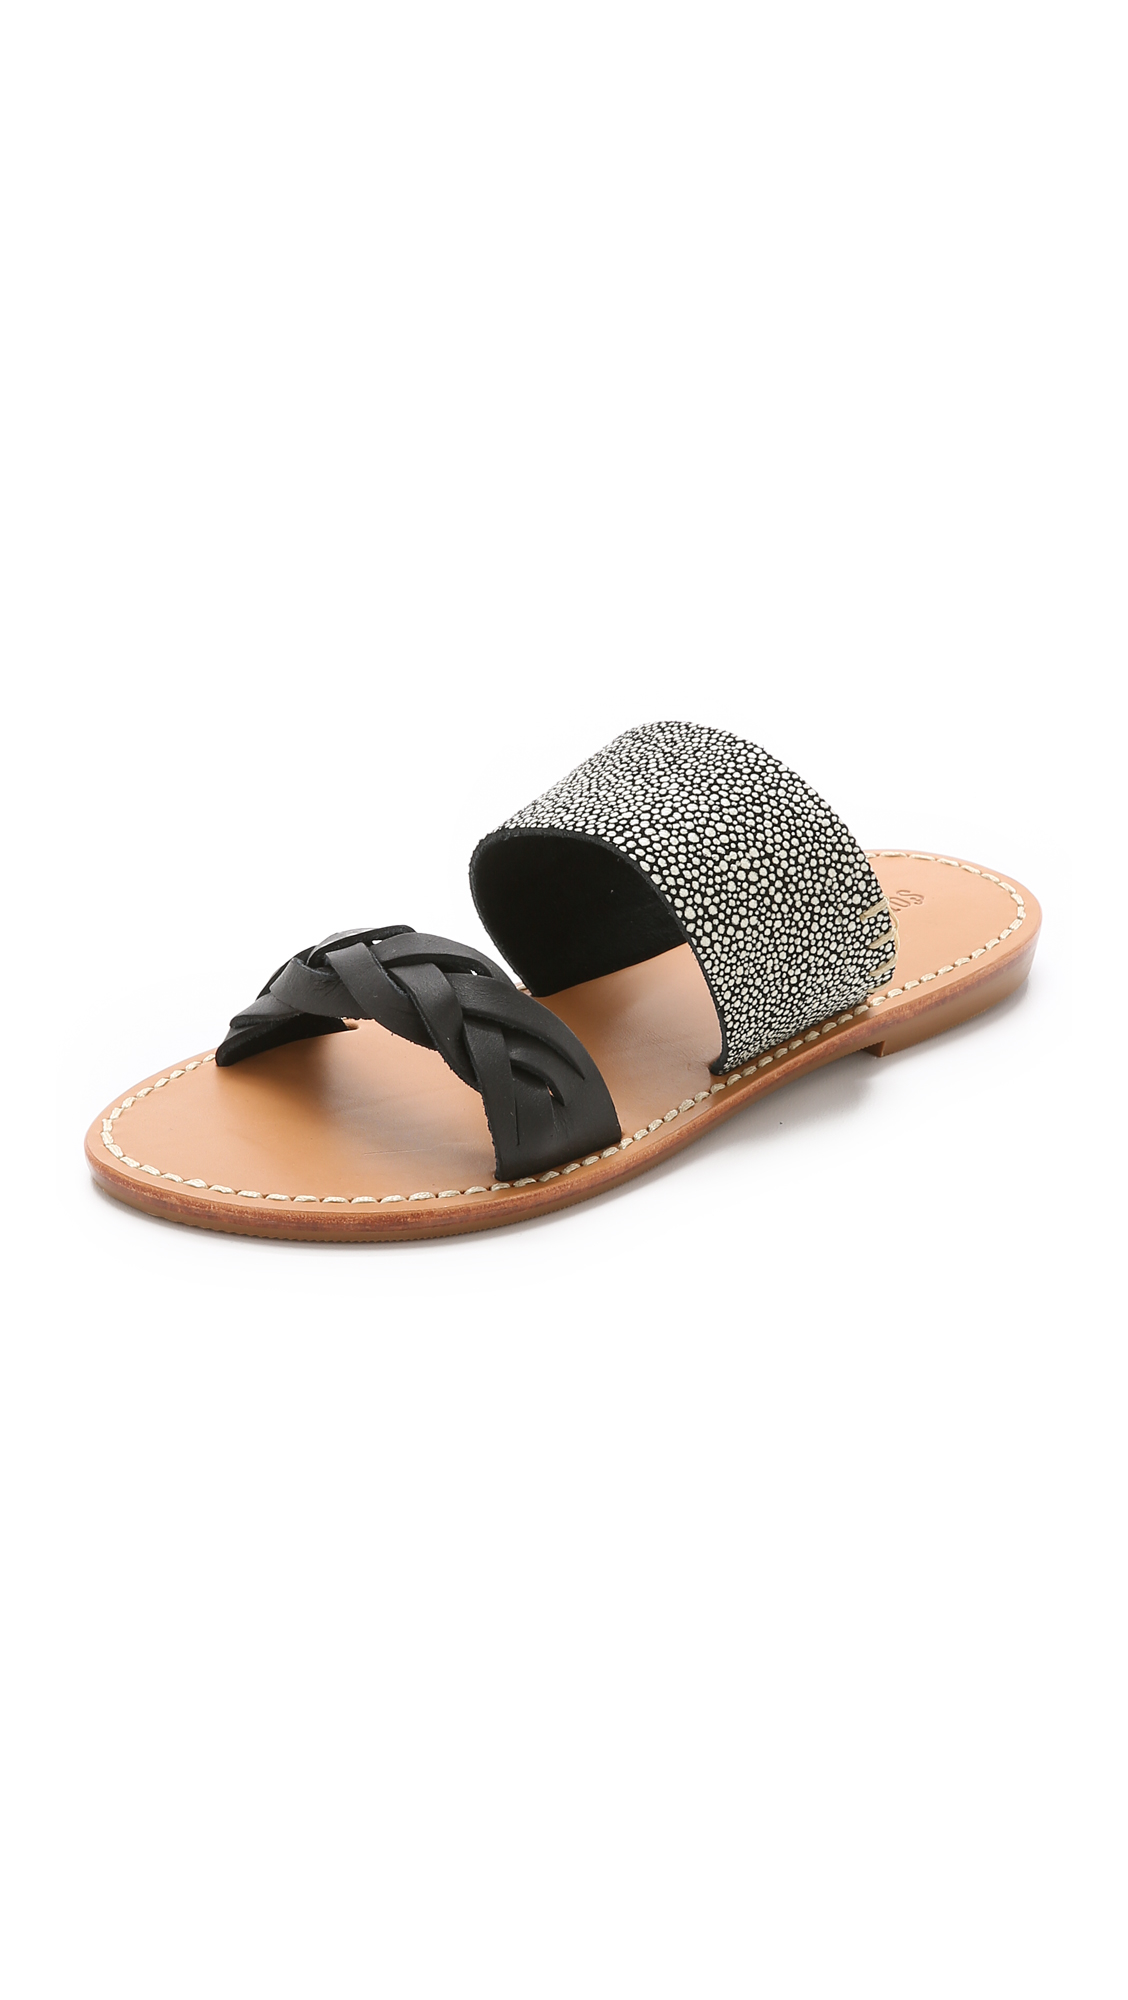 1b697f07fb31 Lyst - Soludos Braided Slide Sandals in Black